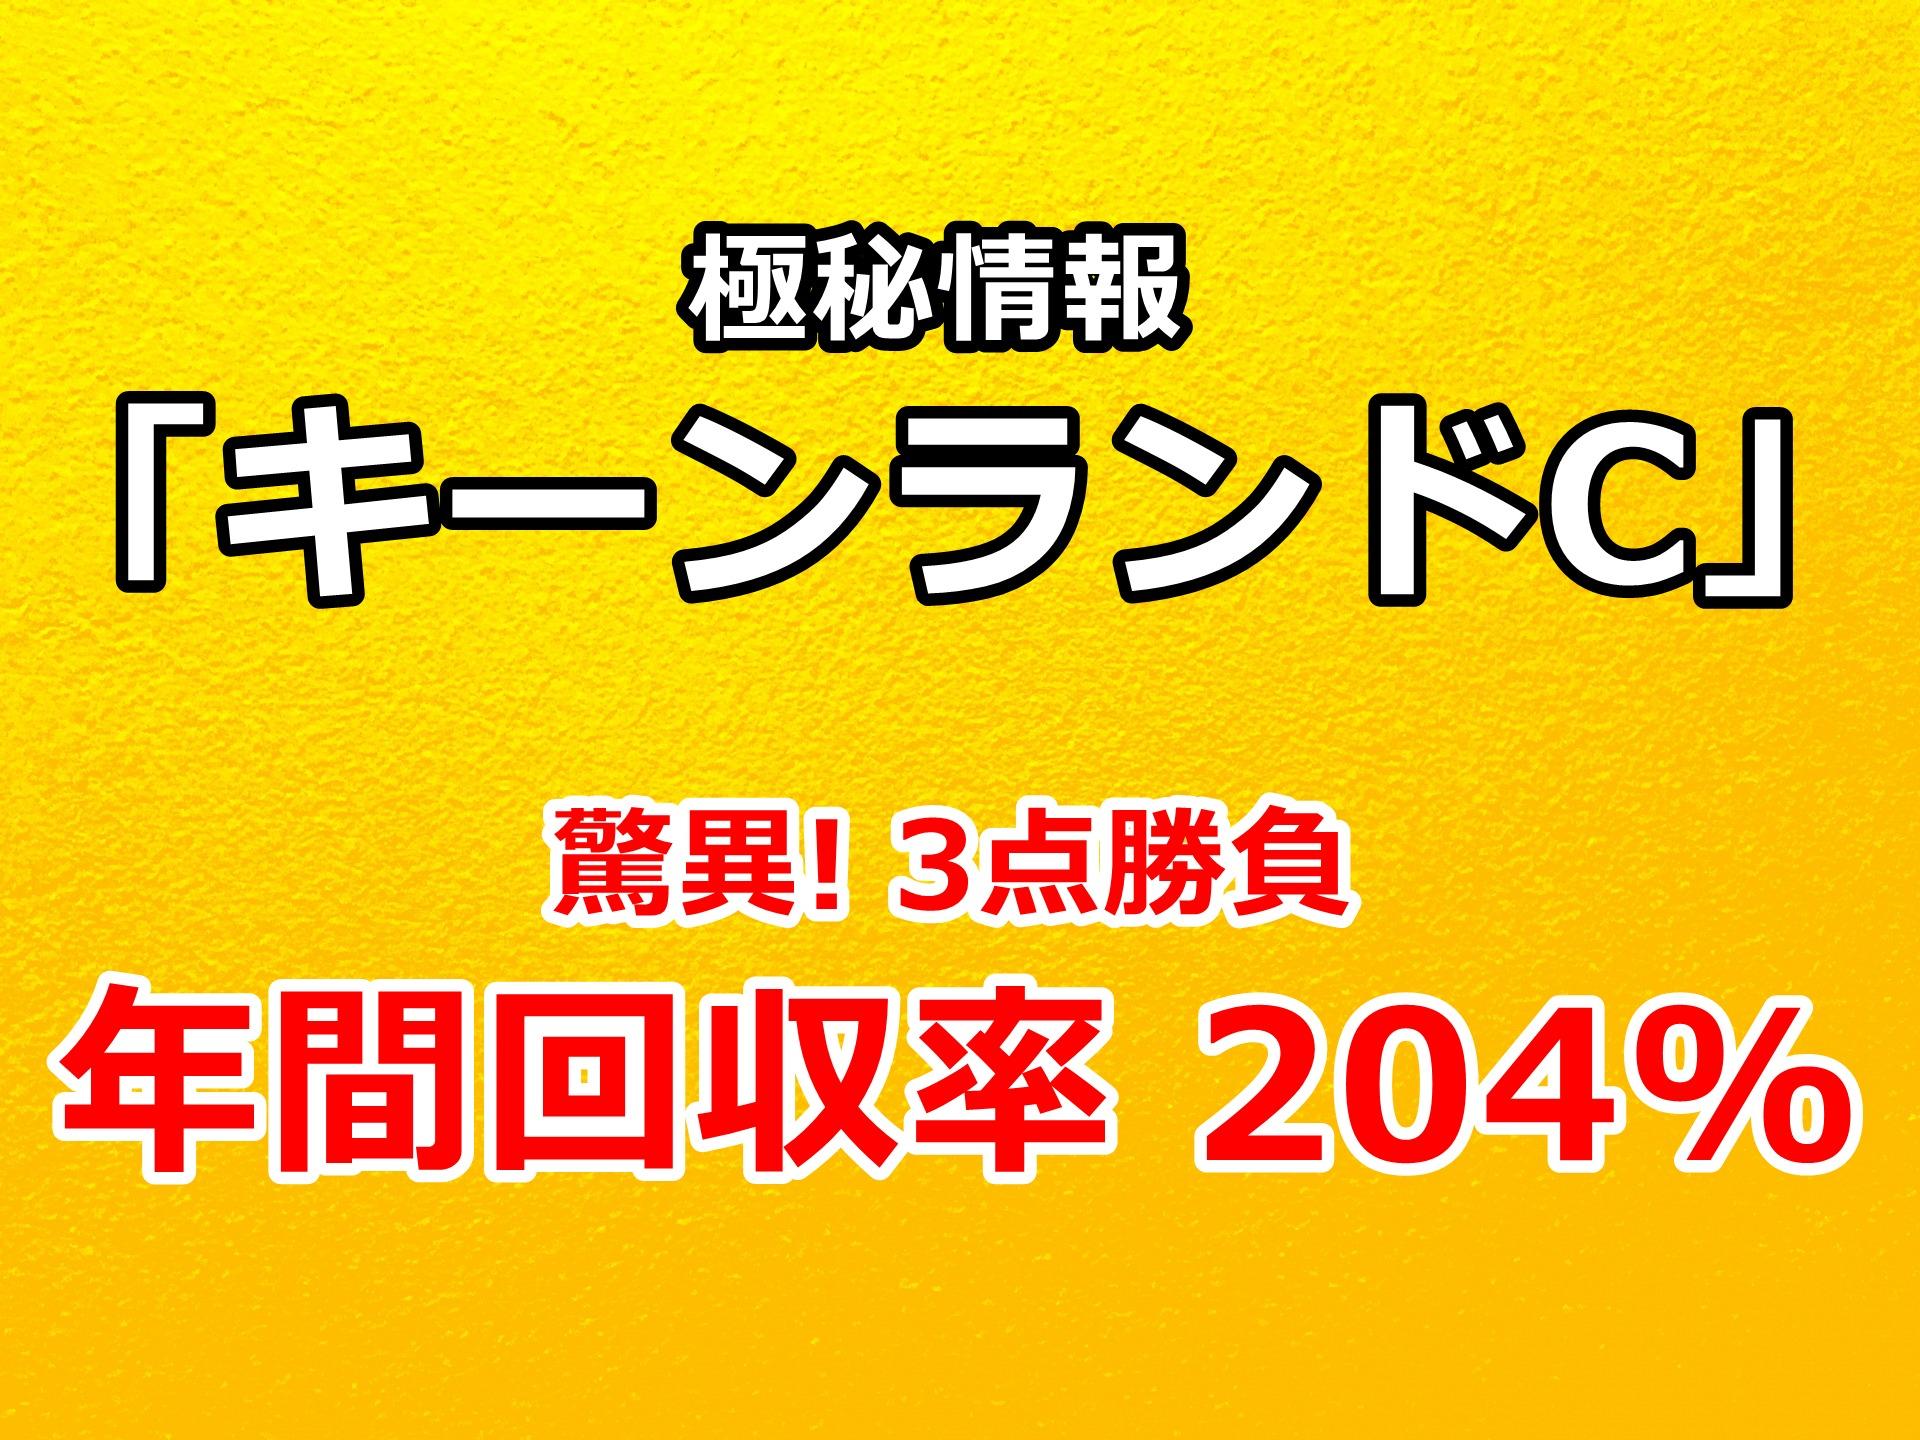 キーンランドカップ2020 予想【驚異! 3点勝負 年間回収率 204%】